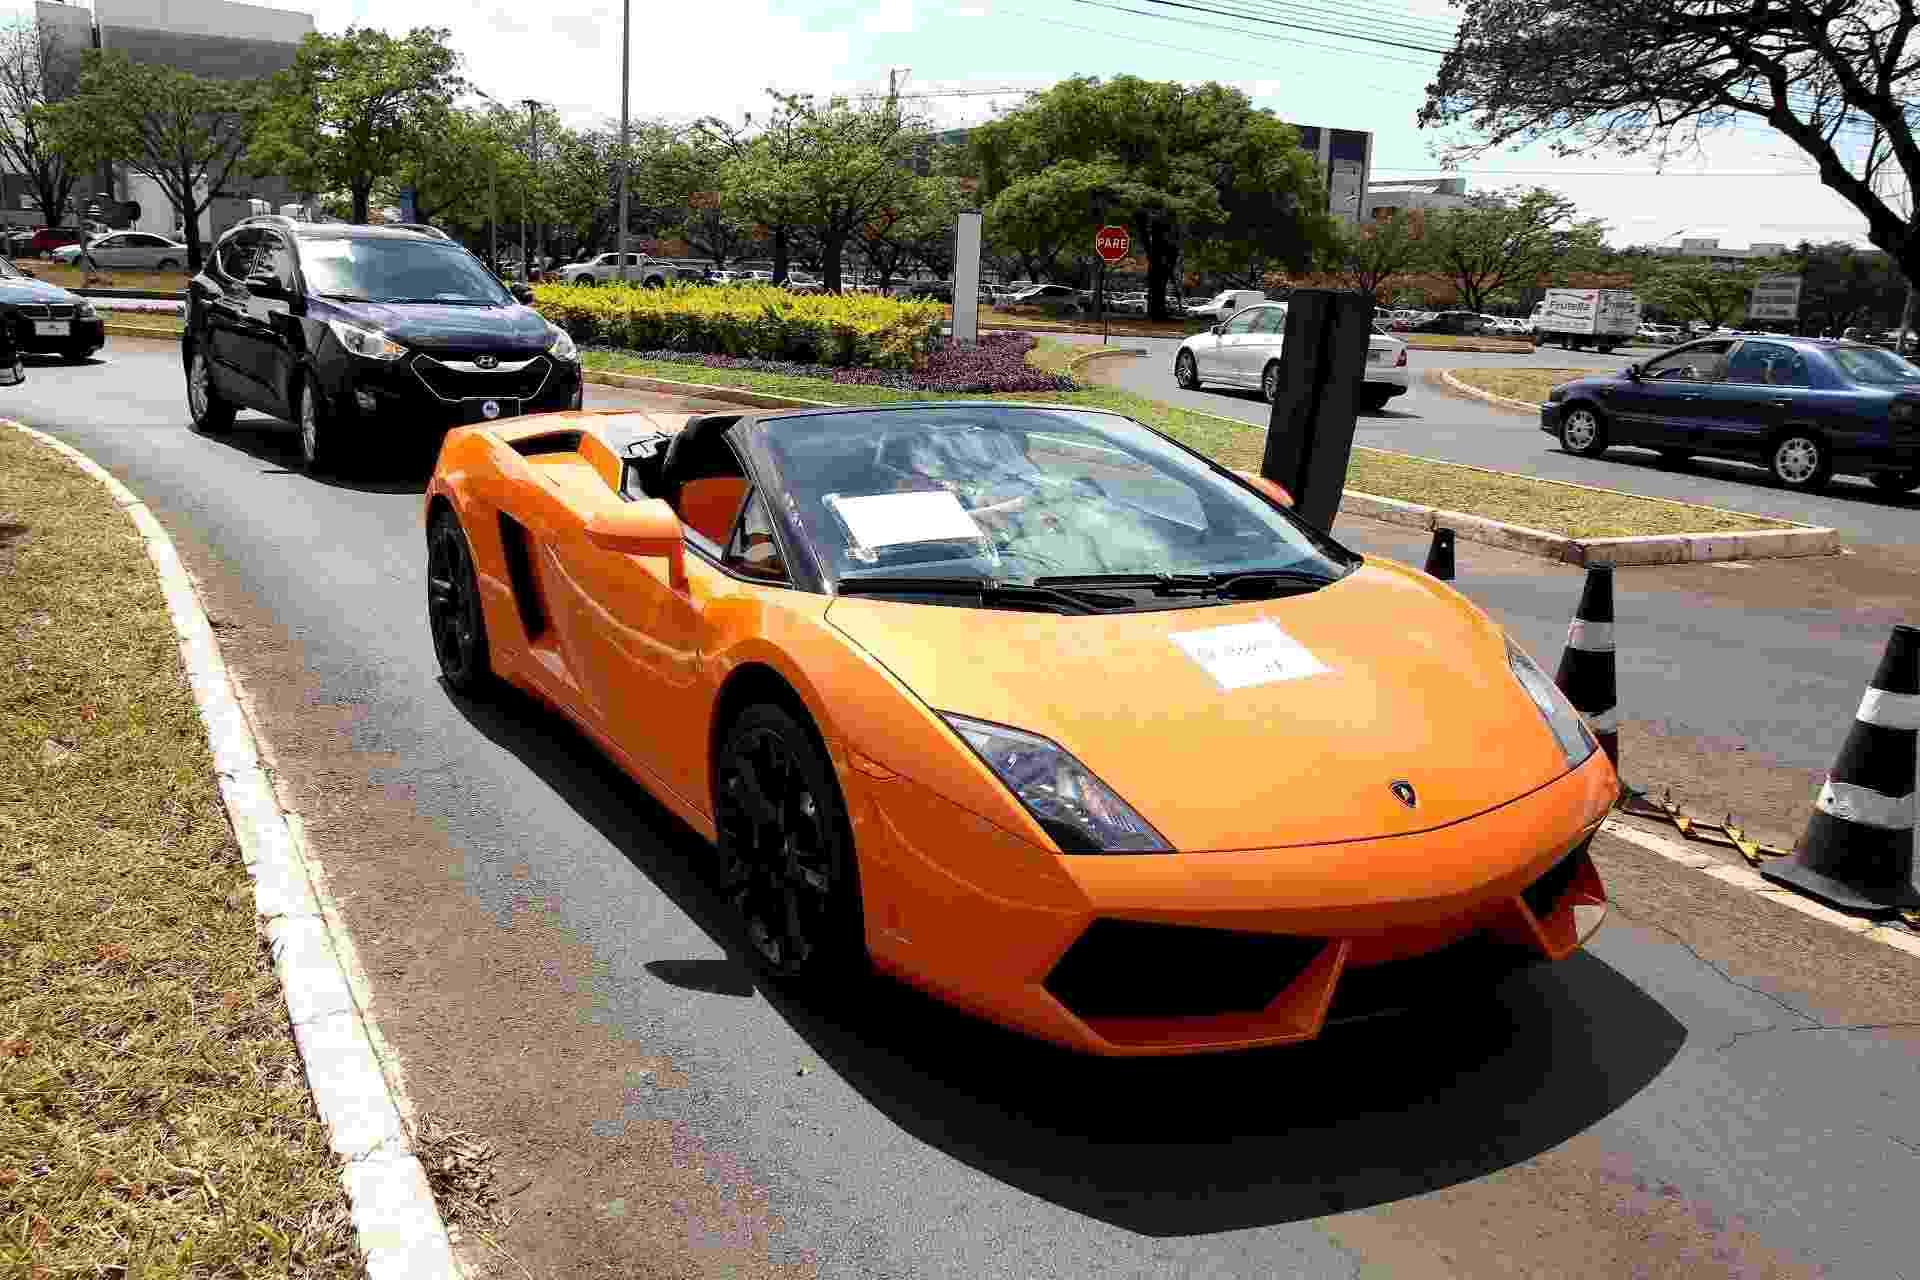 19.set.2013 - Lamborghini Gallardo Spyder, avaliado em R$ 1,6 milhão, chega à superintendência da Polícia Federal, nesta quinta-feira (19), após apreensão da Operação Miqueias. Outros 14 veículos também foram recolhido pela PF - Pedro Ladeira/Folhapress